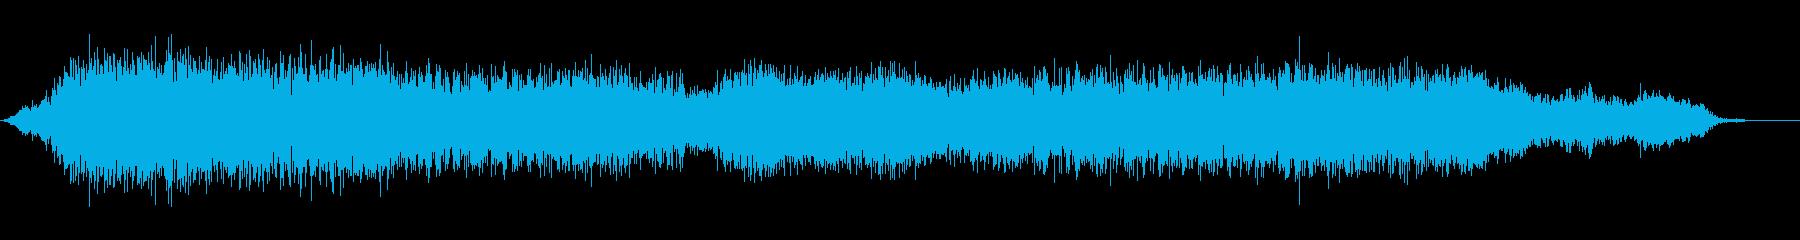 スモールスタジオオーディエンス:G...の再生済みの波形